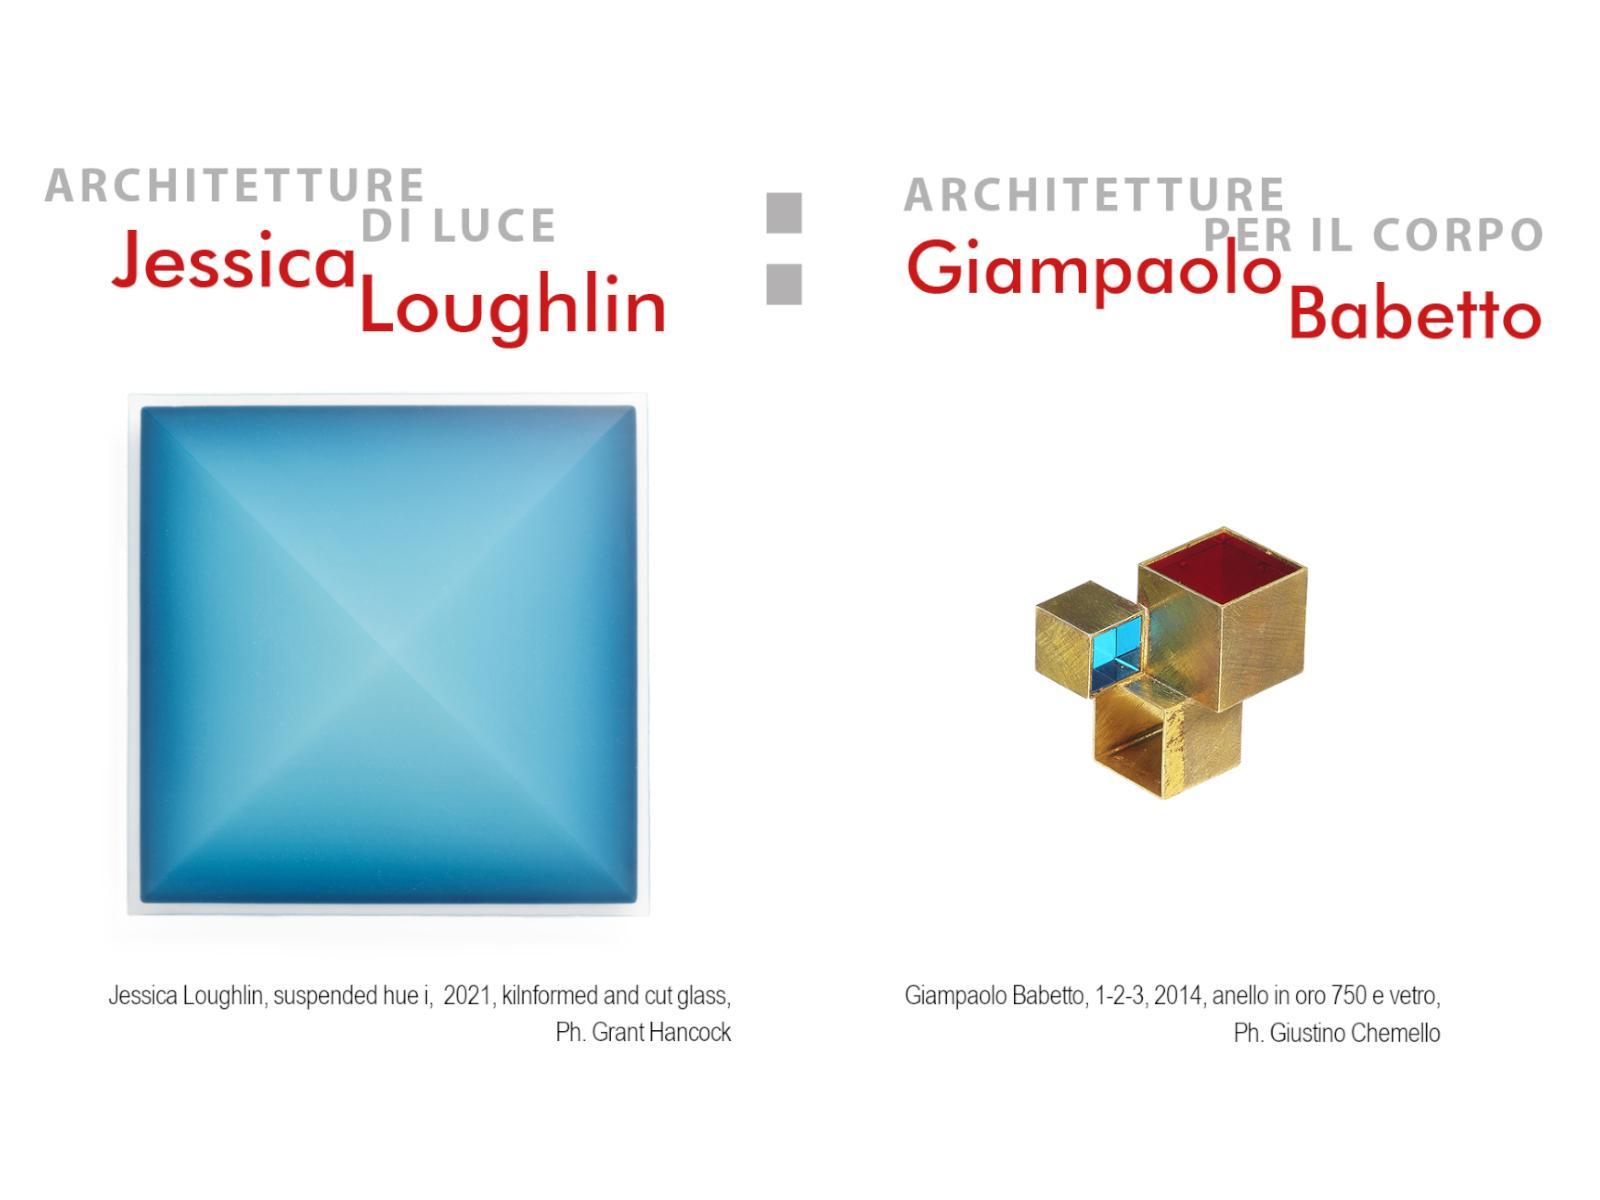 Jessica Loughlin | Architetture di Luce + Giampaolo Babetto | Architetture per il Corpo